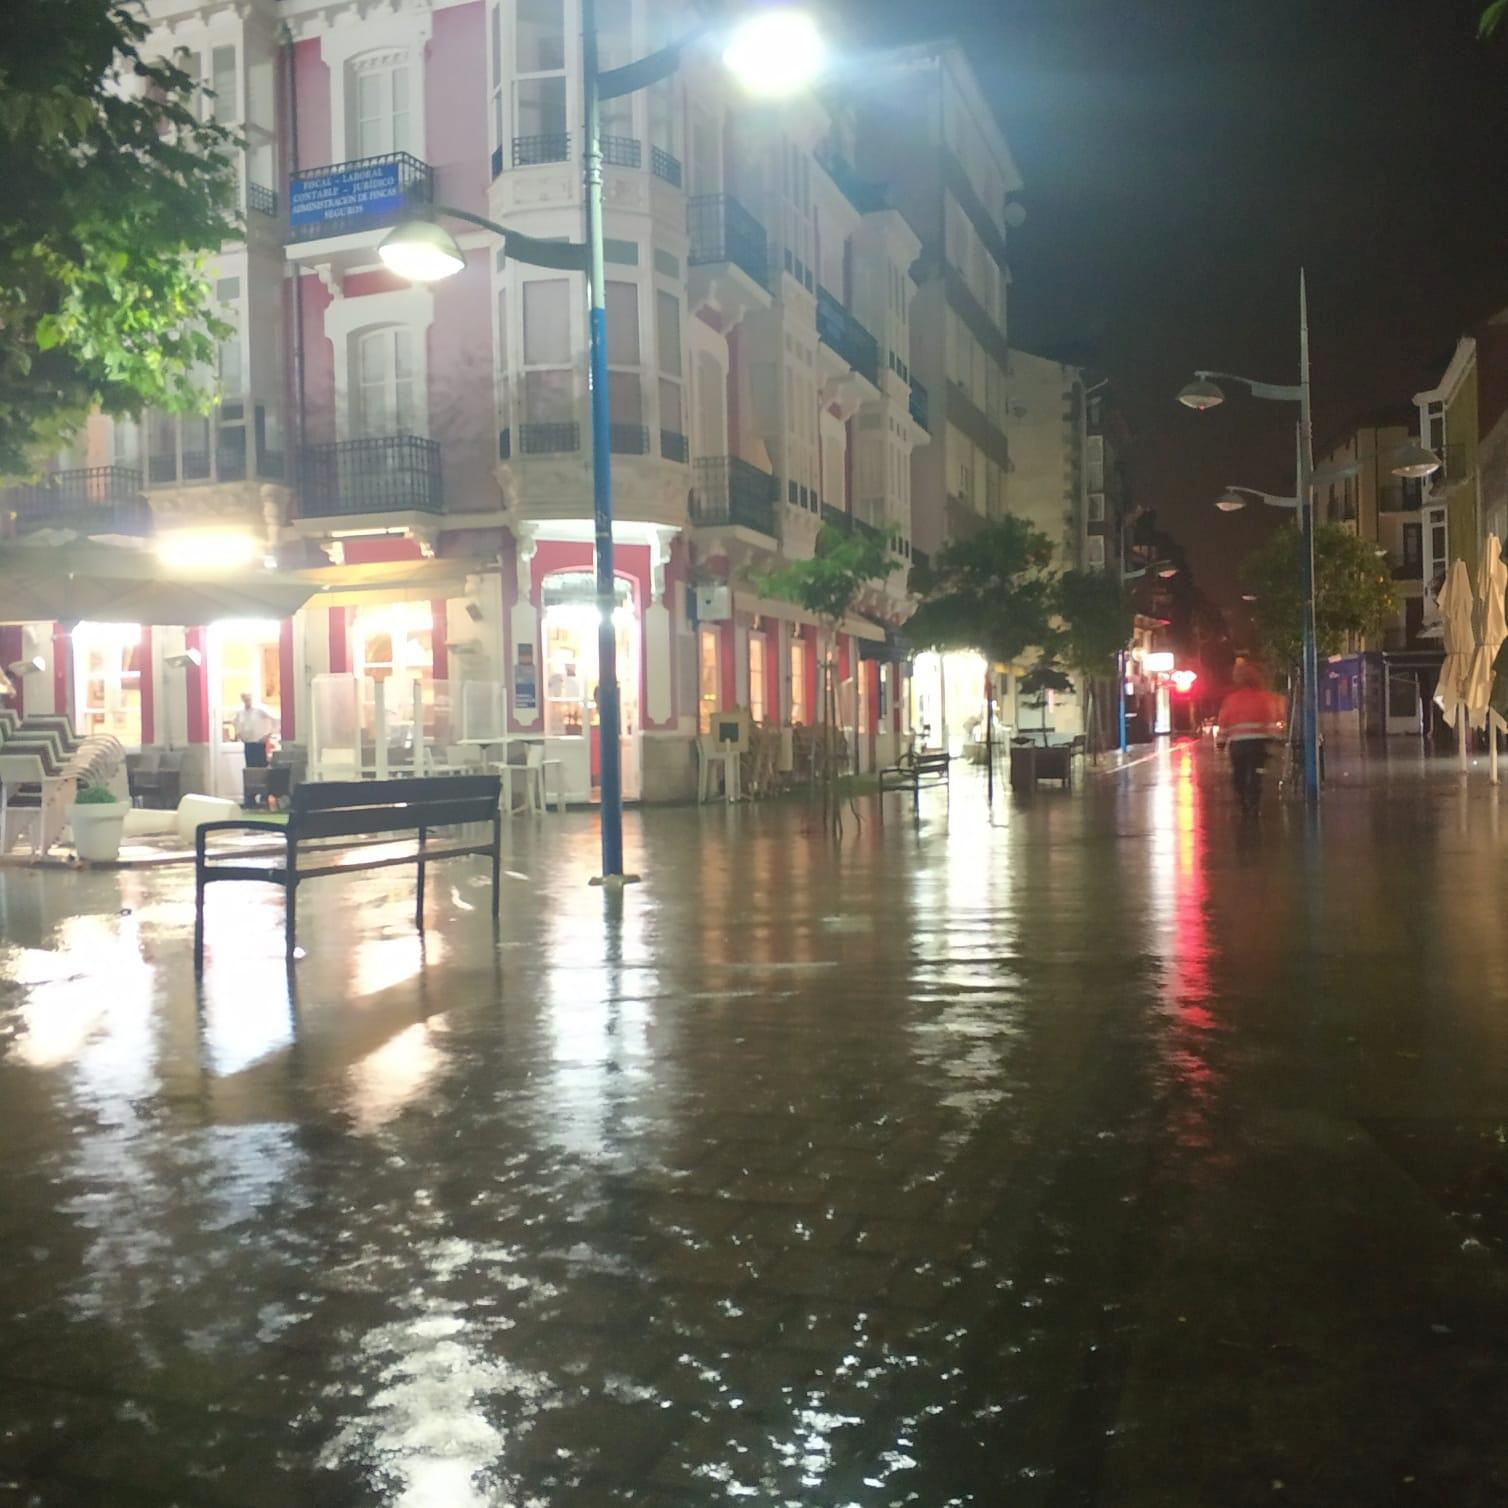 El 112 recibió 135 llamadas y gestionó 44 incidencias por las fuertes lluvias caídas anoche